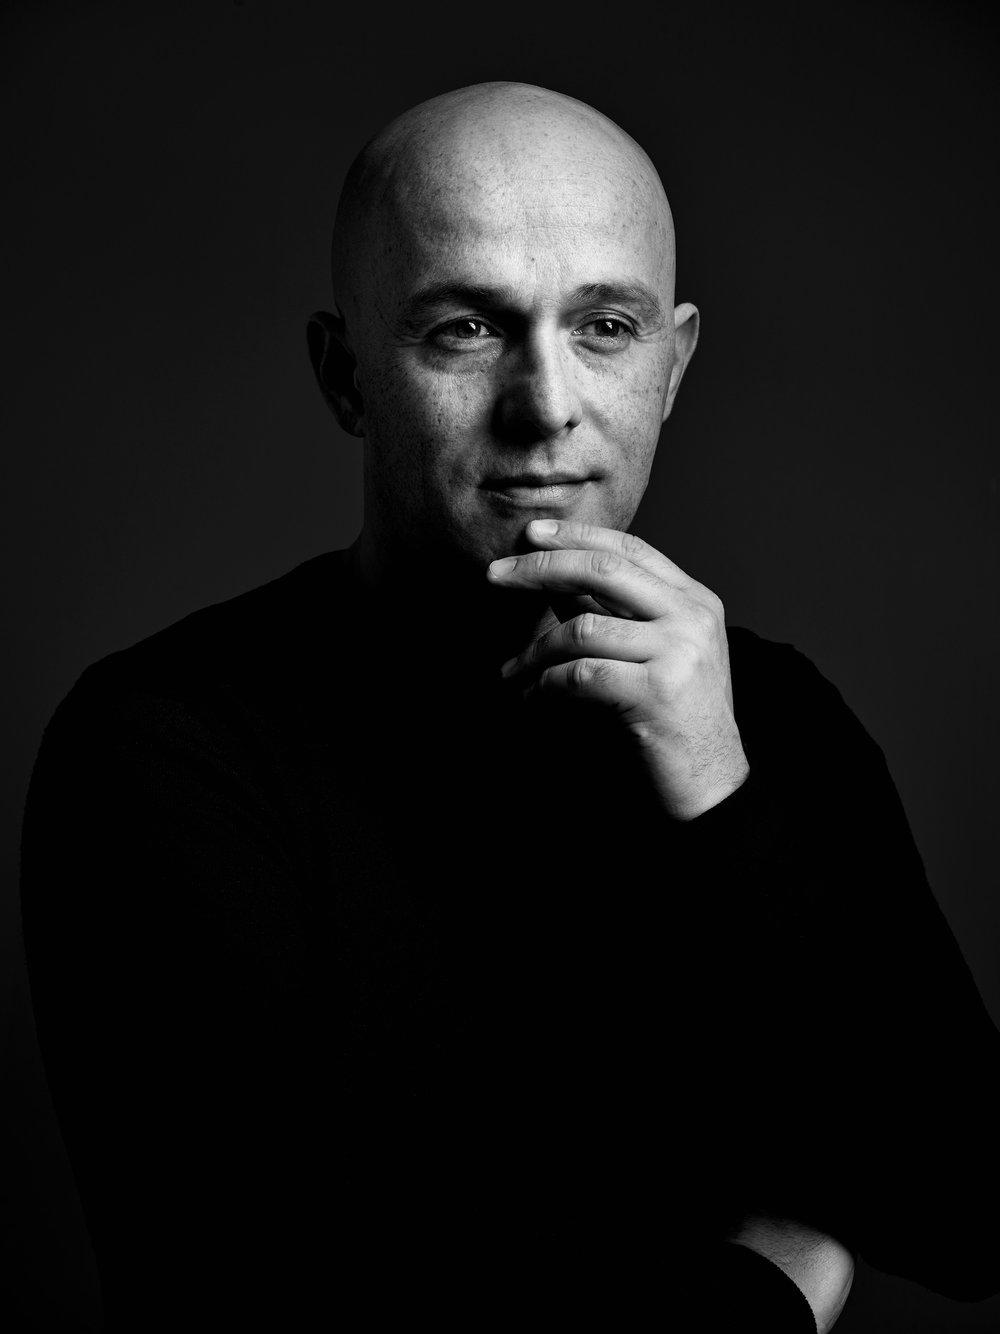 Thierry Bigaignon